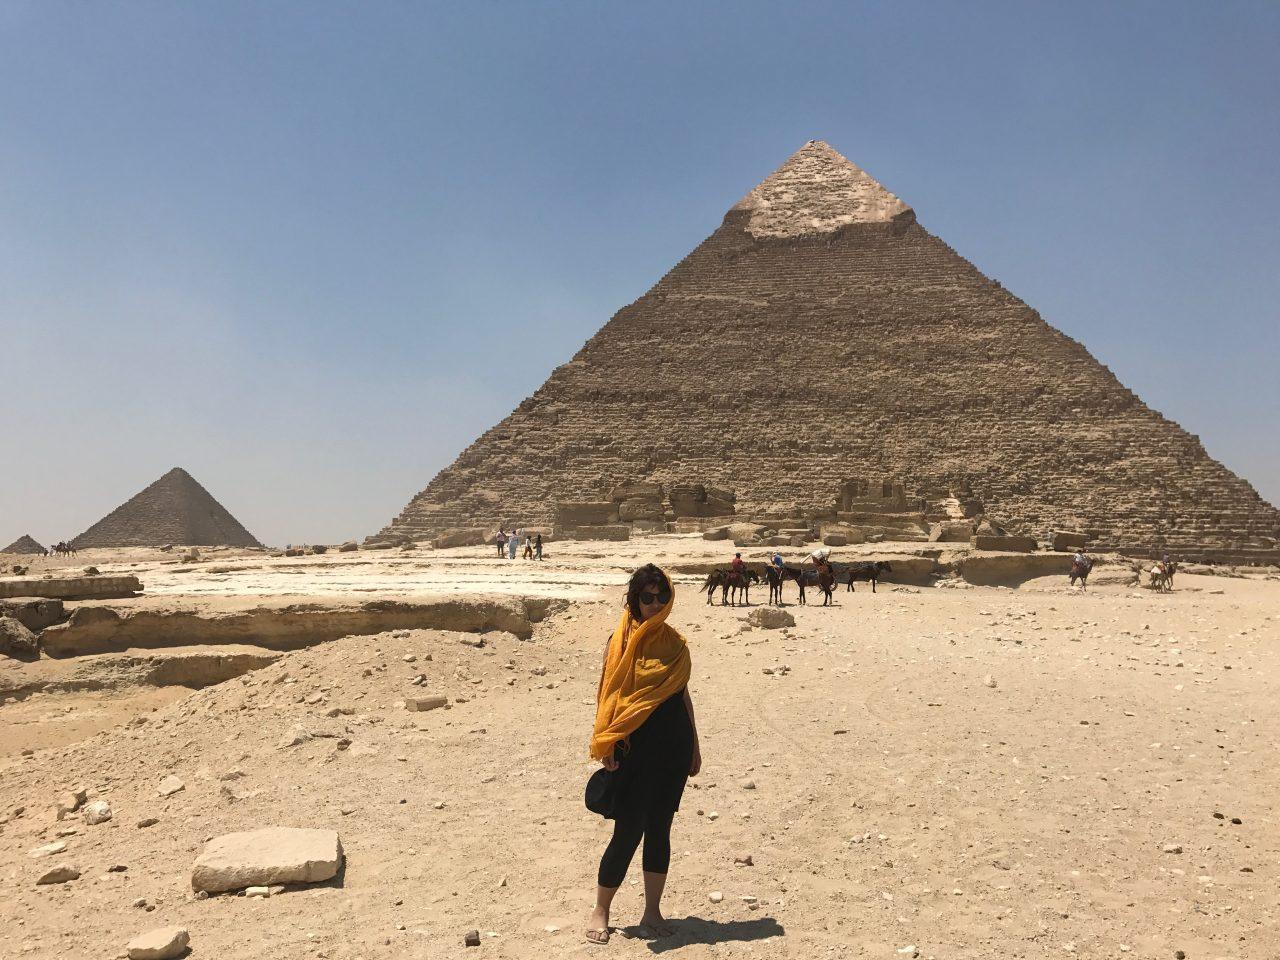 Vanessa pagando de turista. Foto: Guia meia boca que arrumei